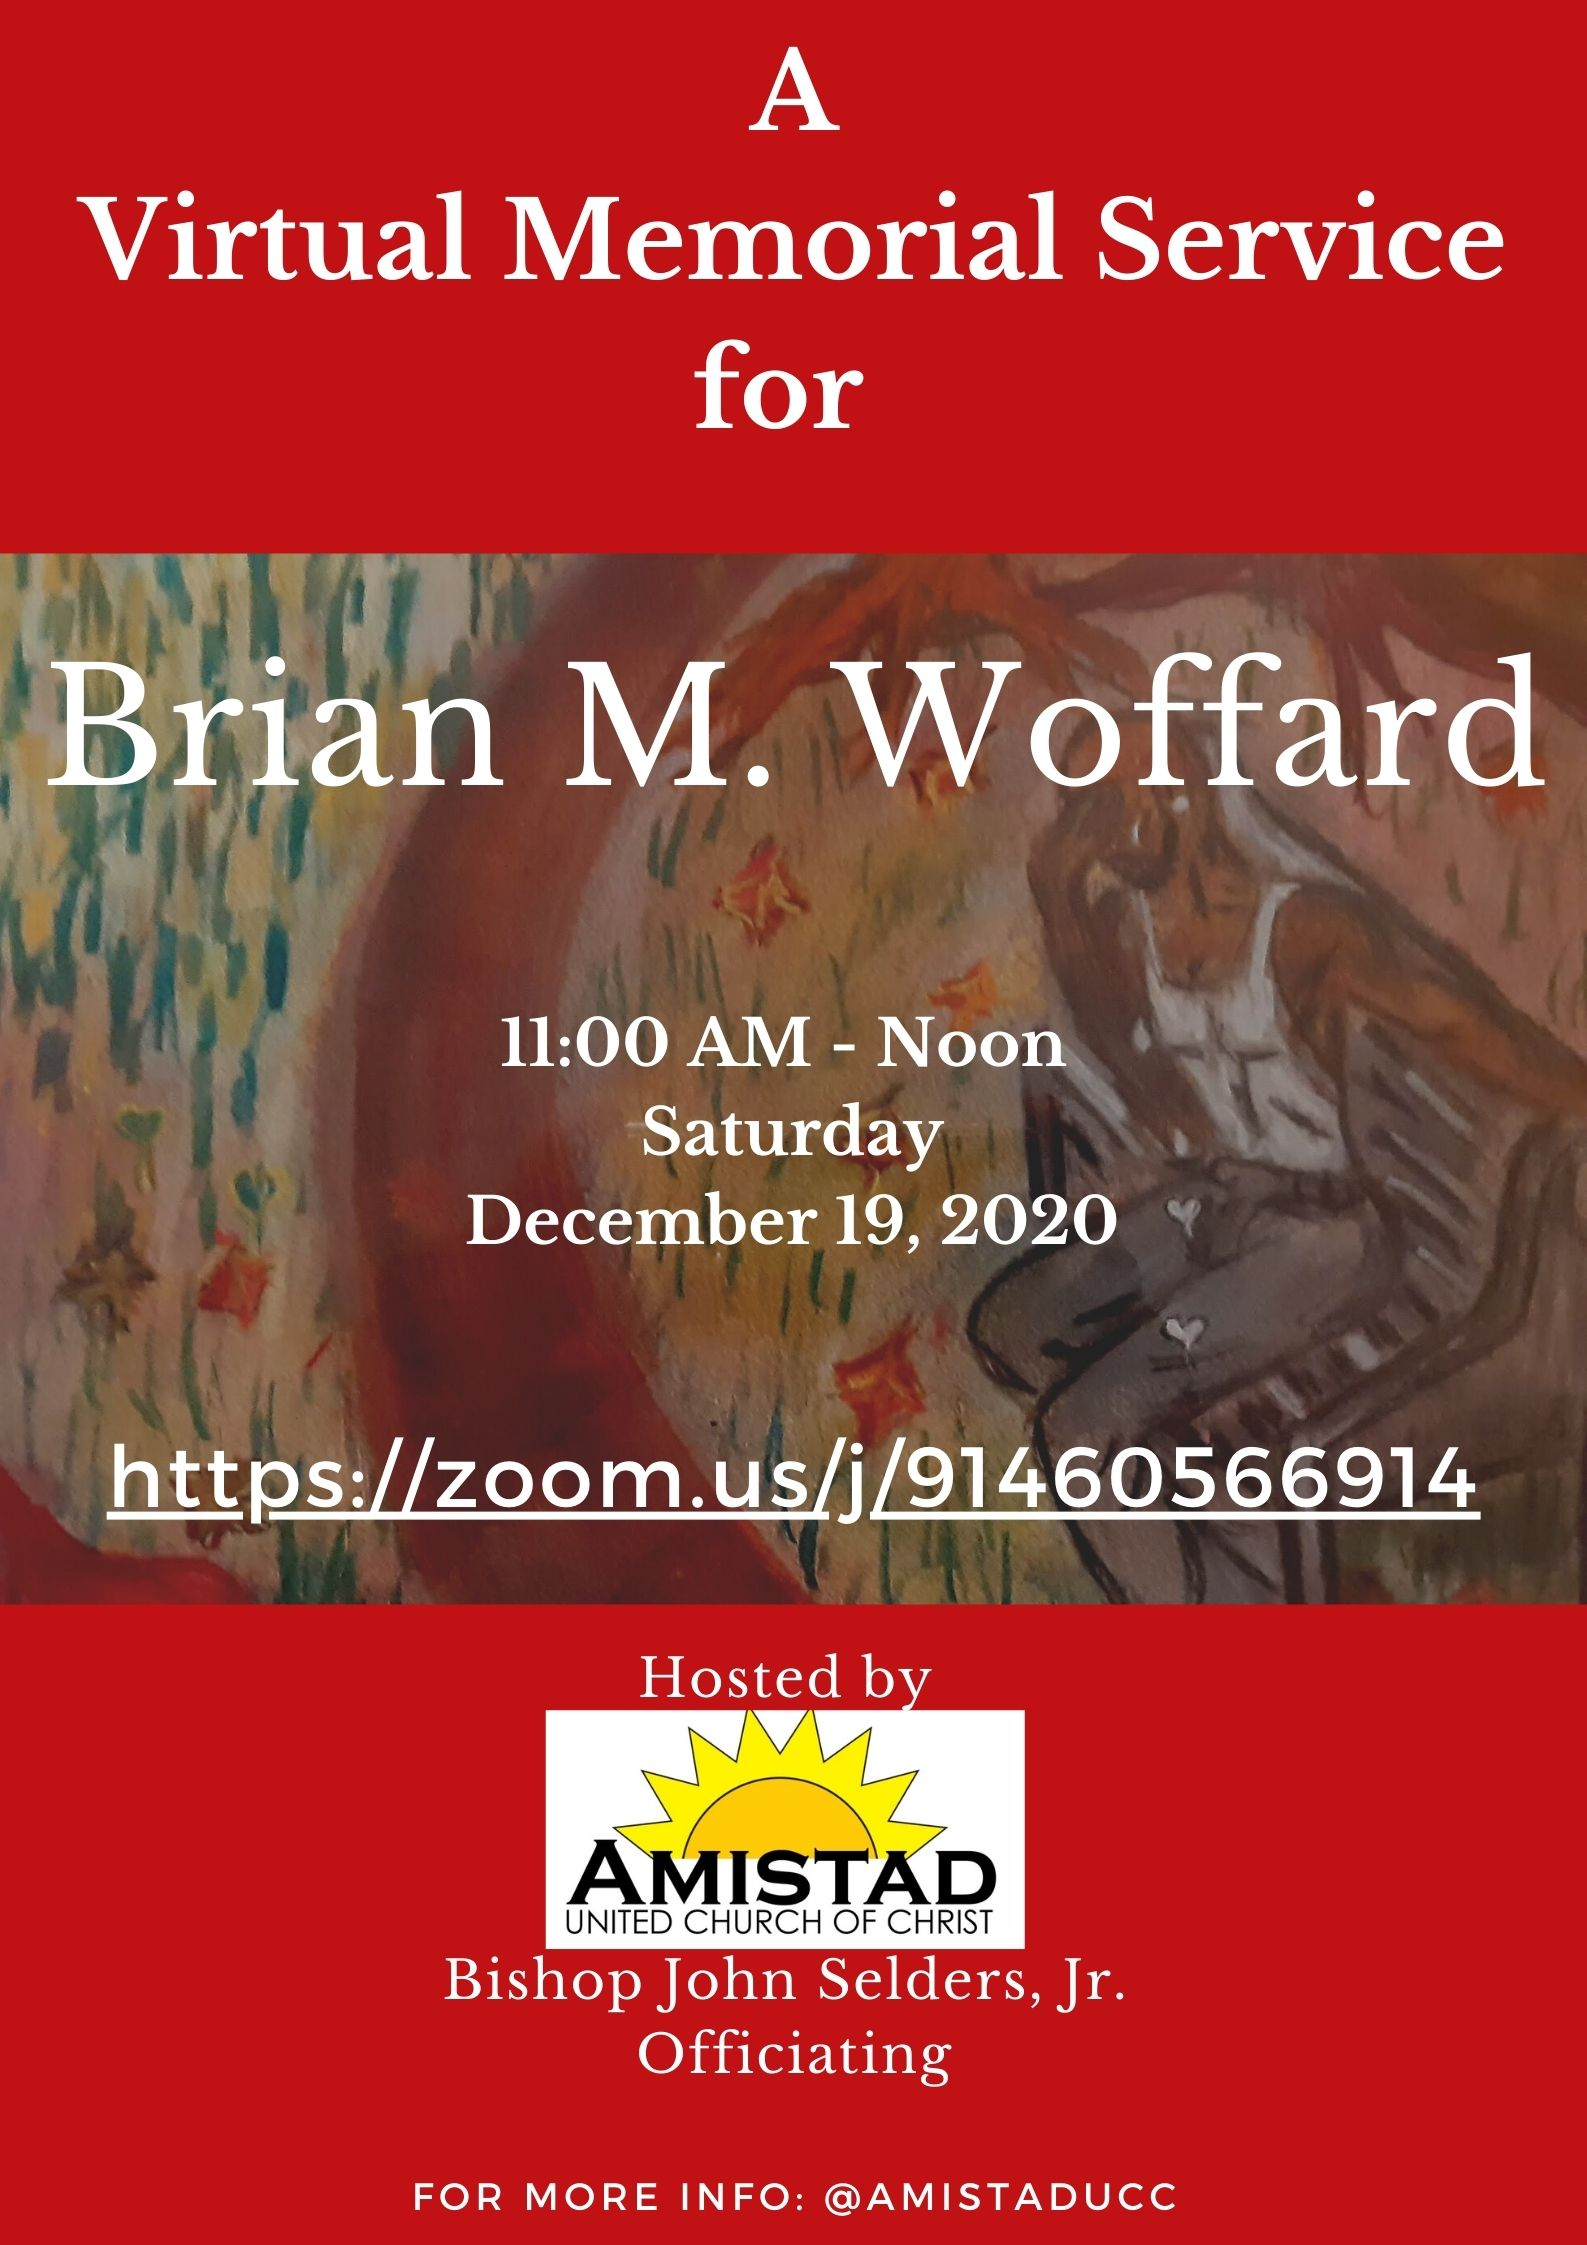 Memorial Service for Brian M. Woffard (1)